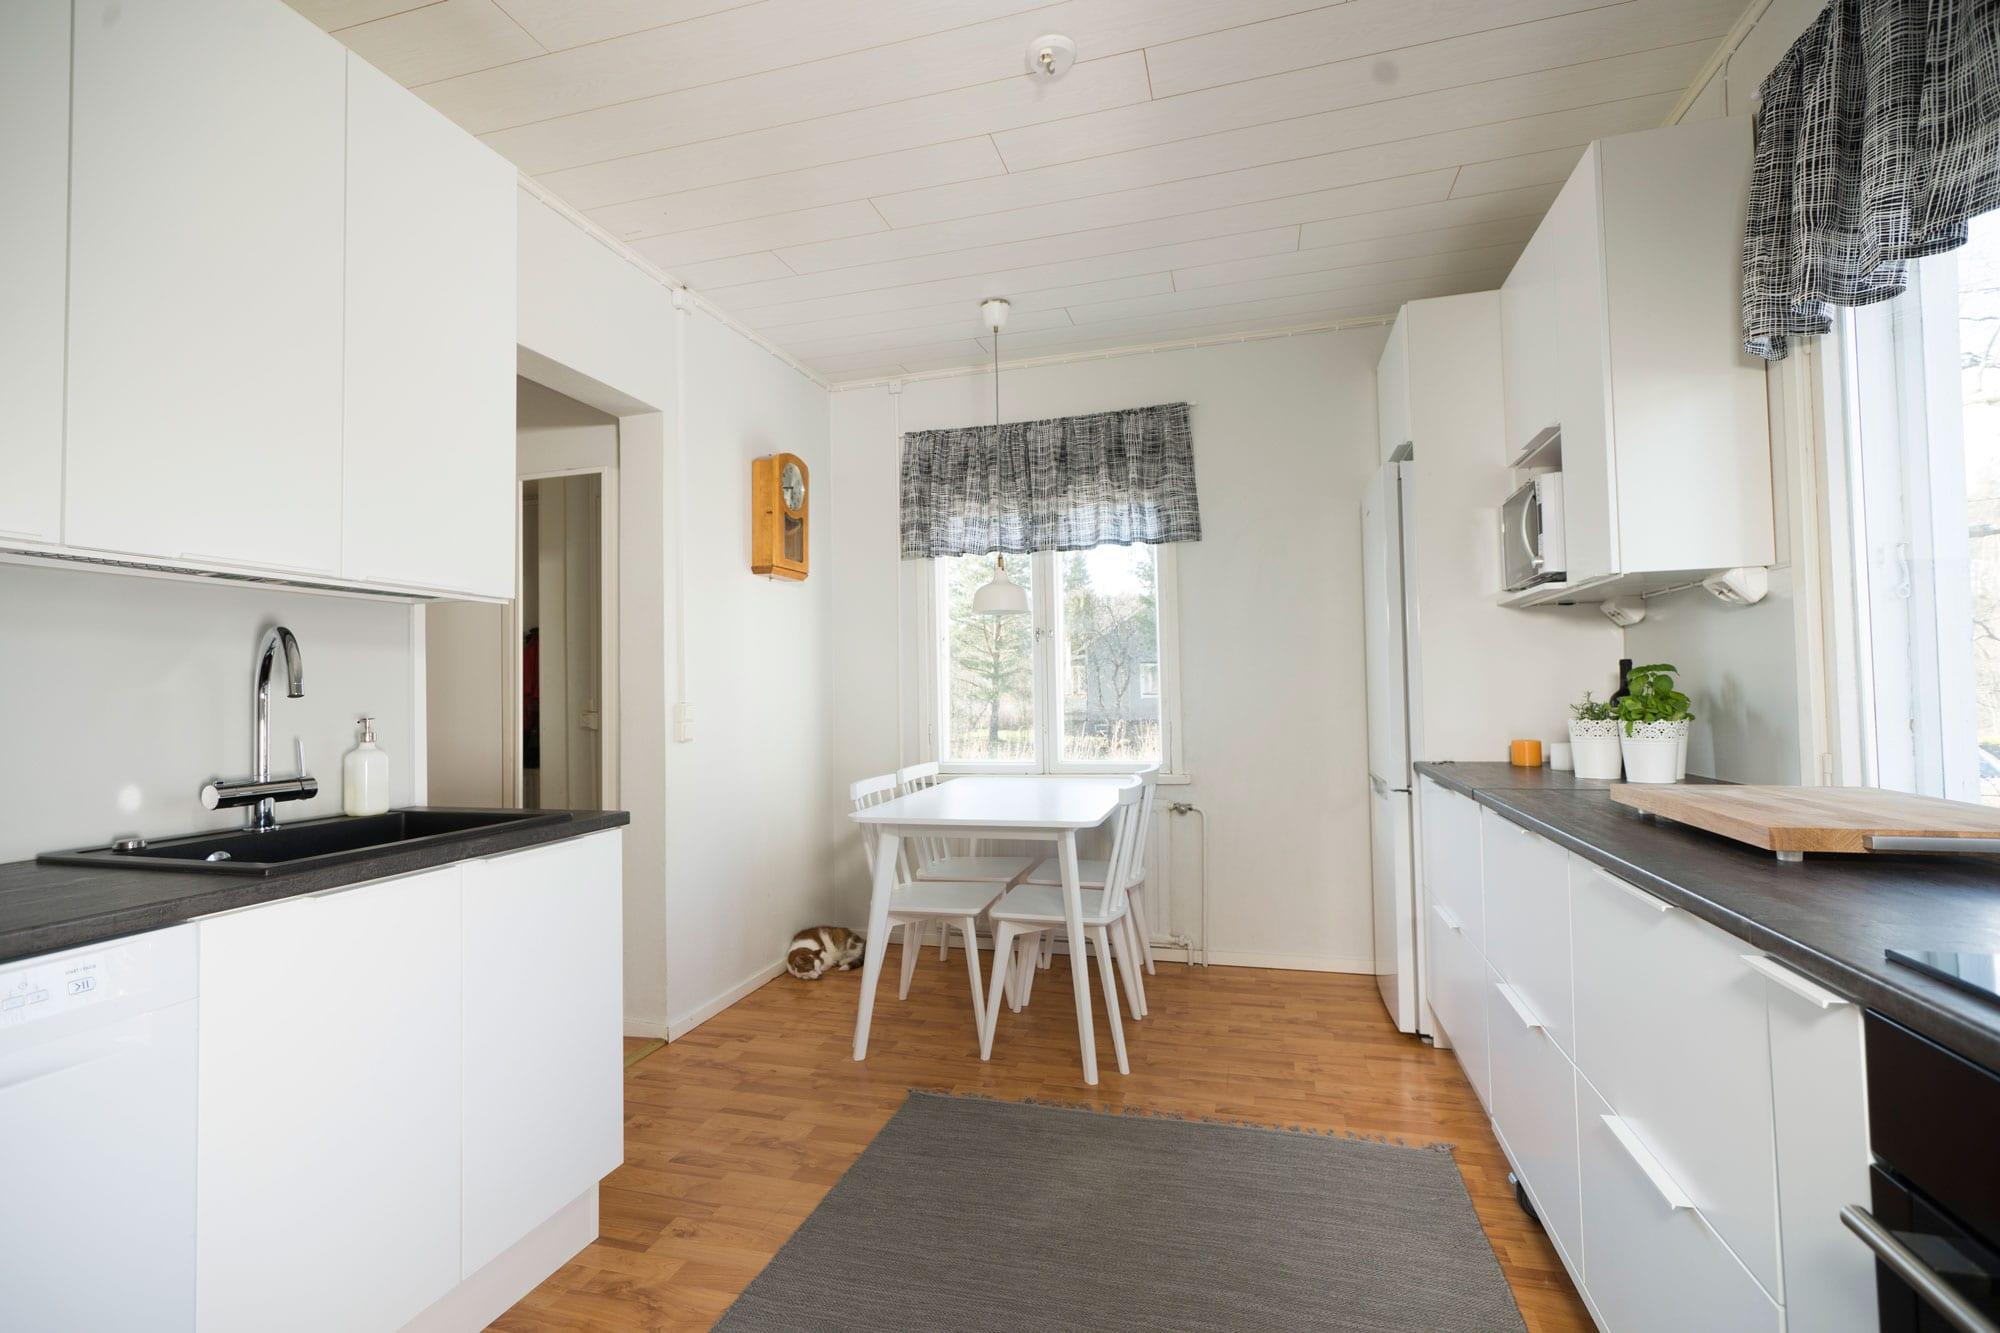 Rintamamieskeittiön muodonmuutos  Unique Home